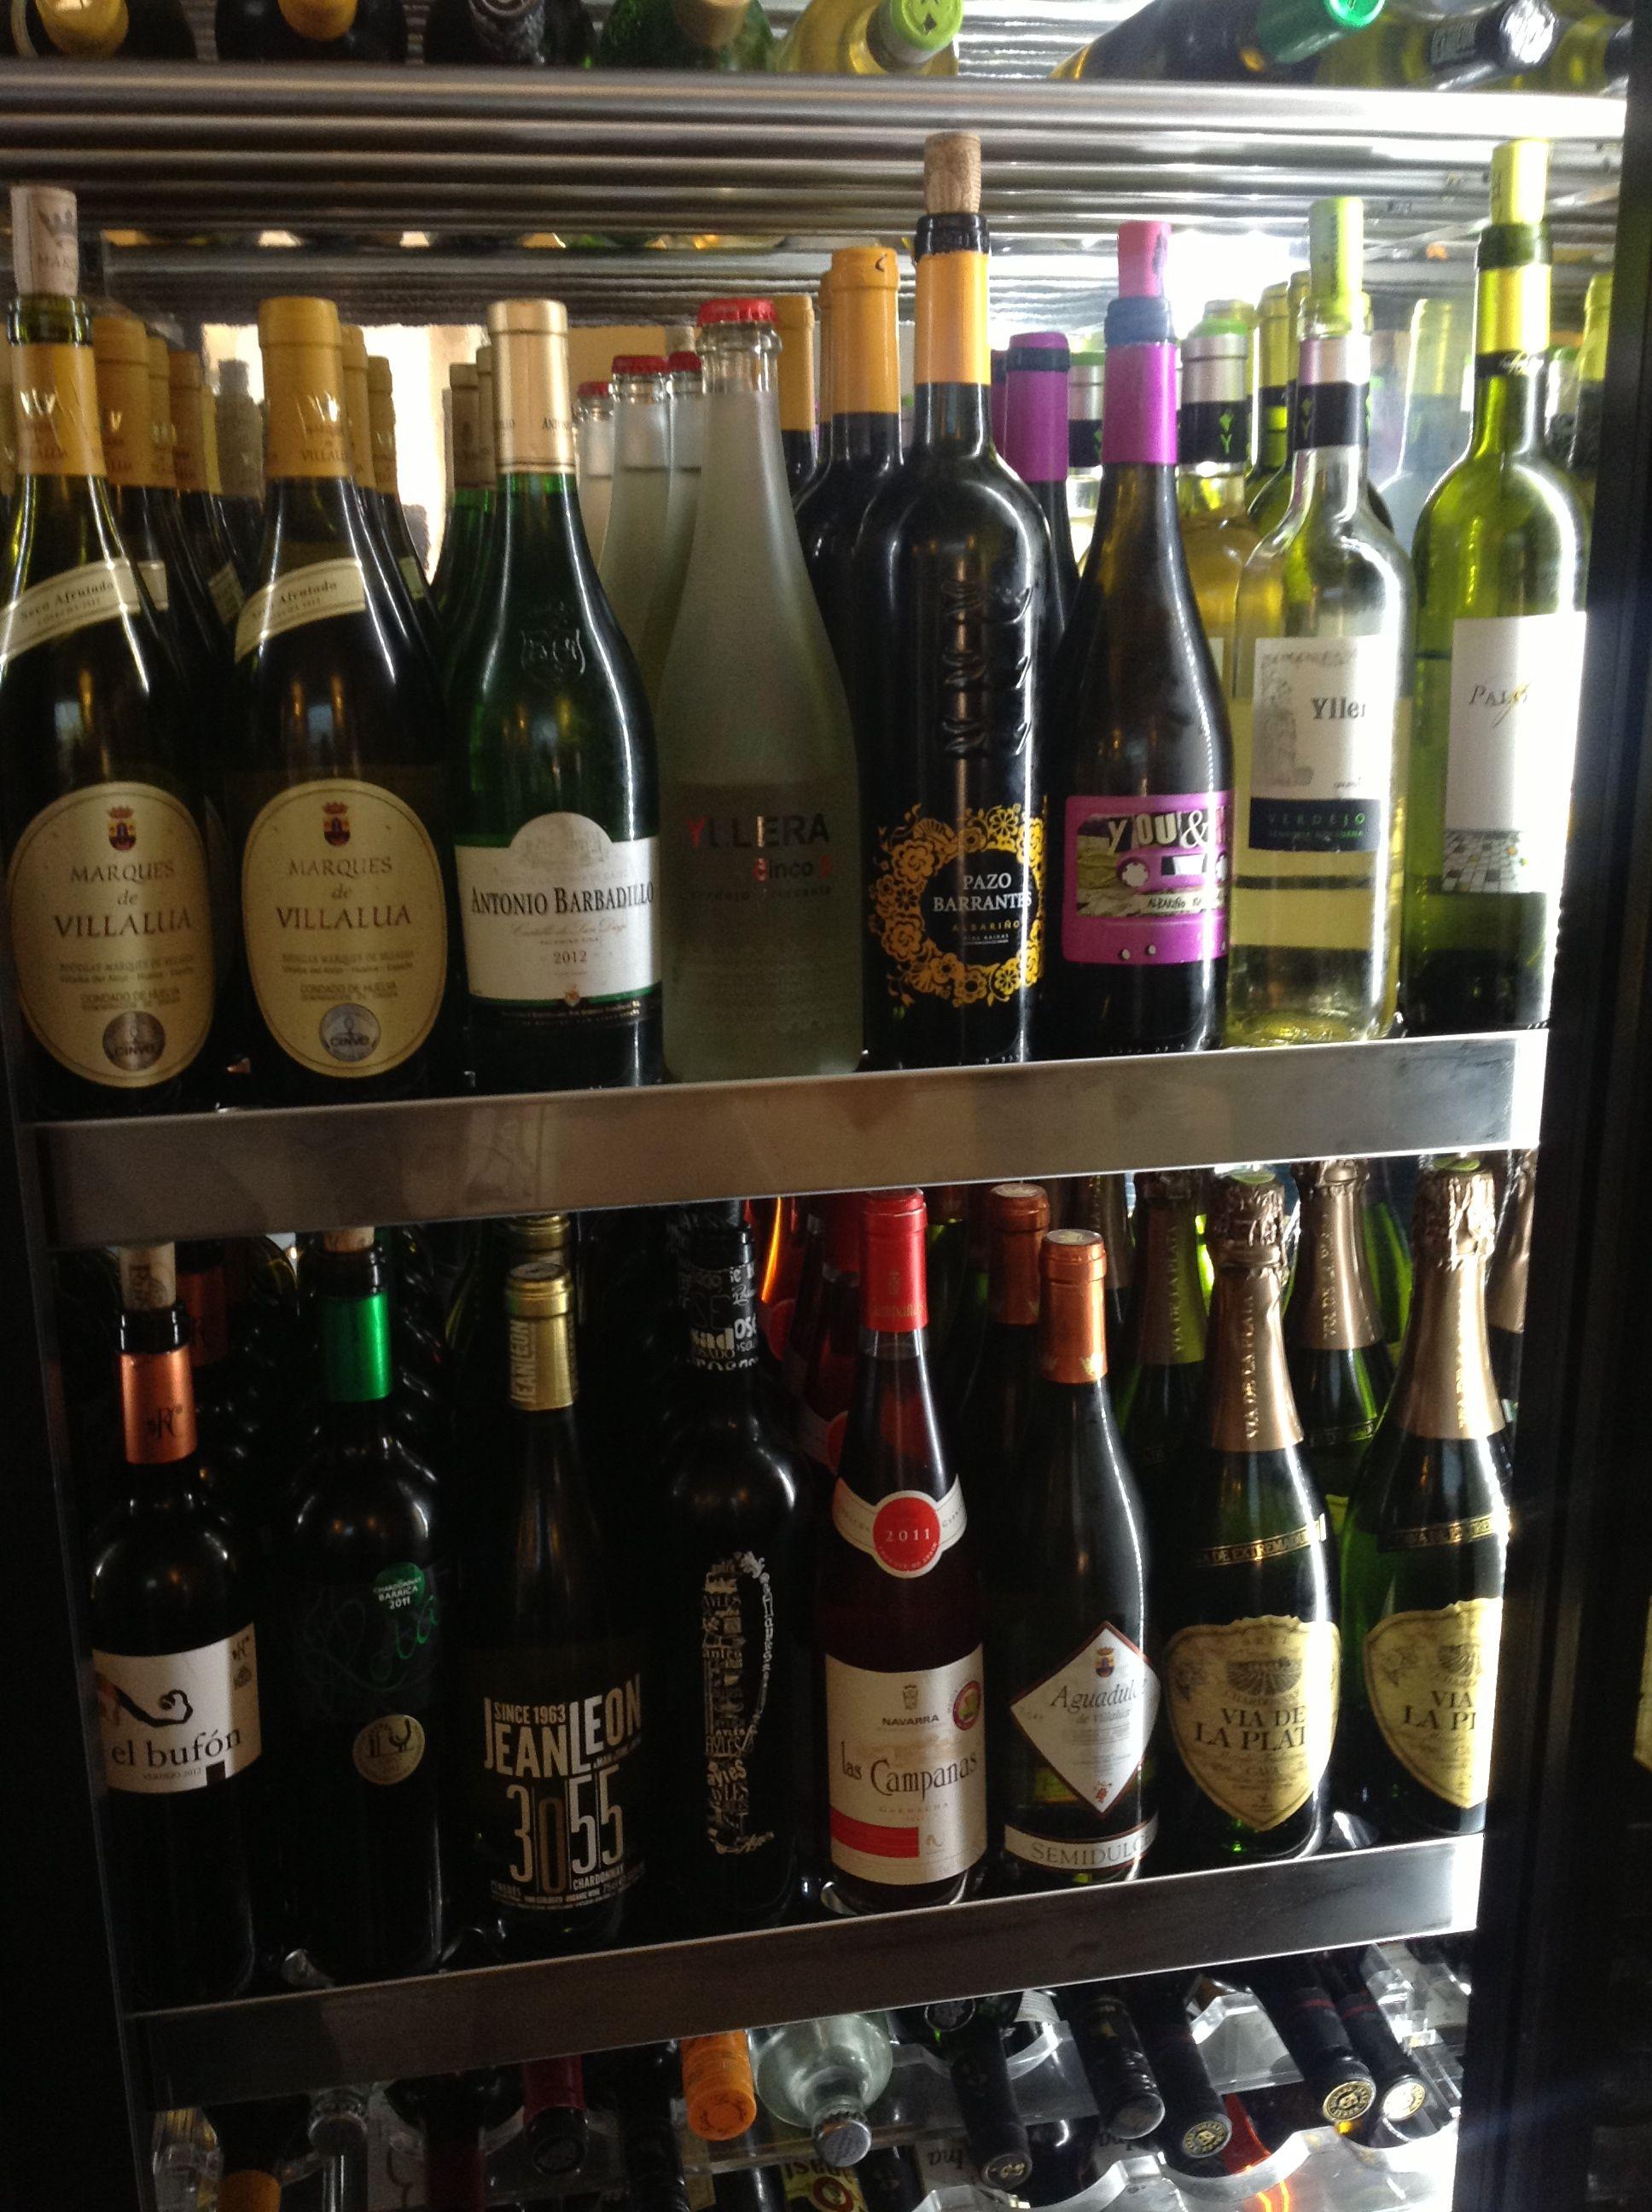 Vinos Blancos Vino Blanco Vinos Sevilla Espana